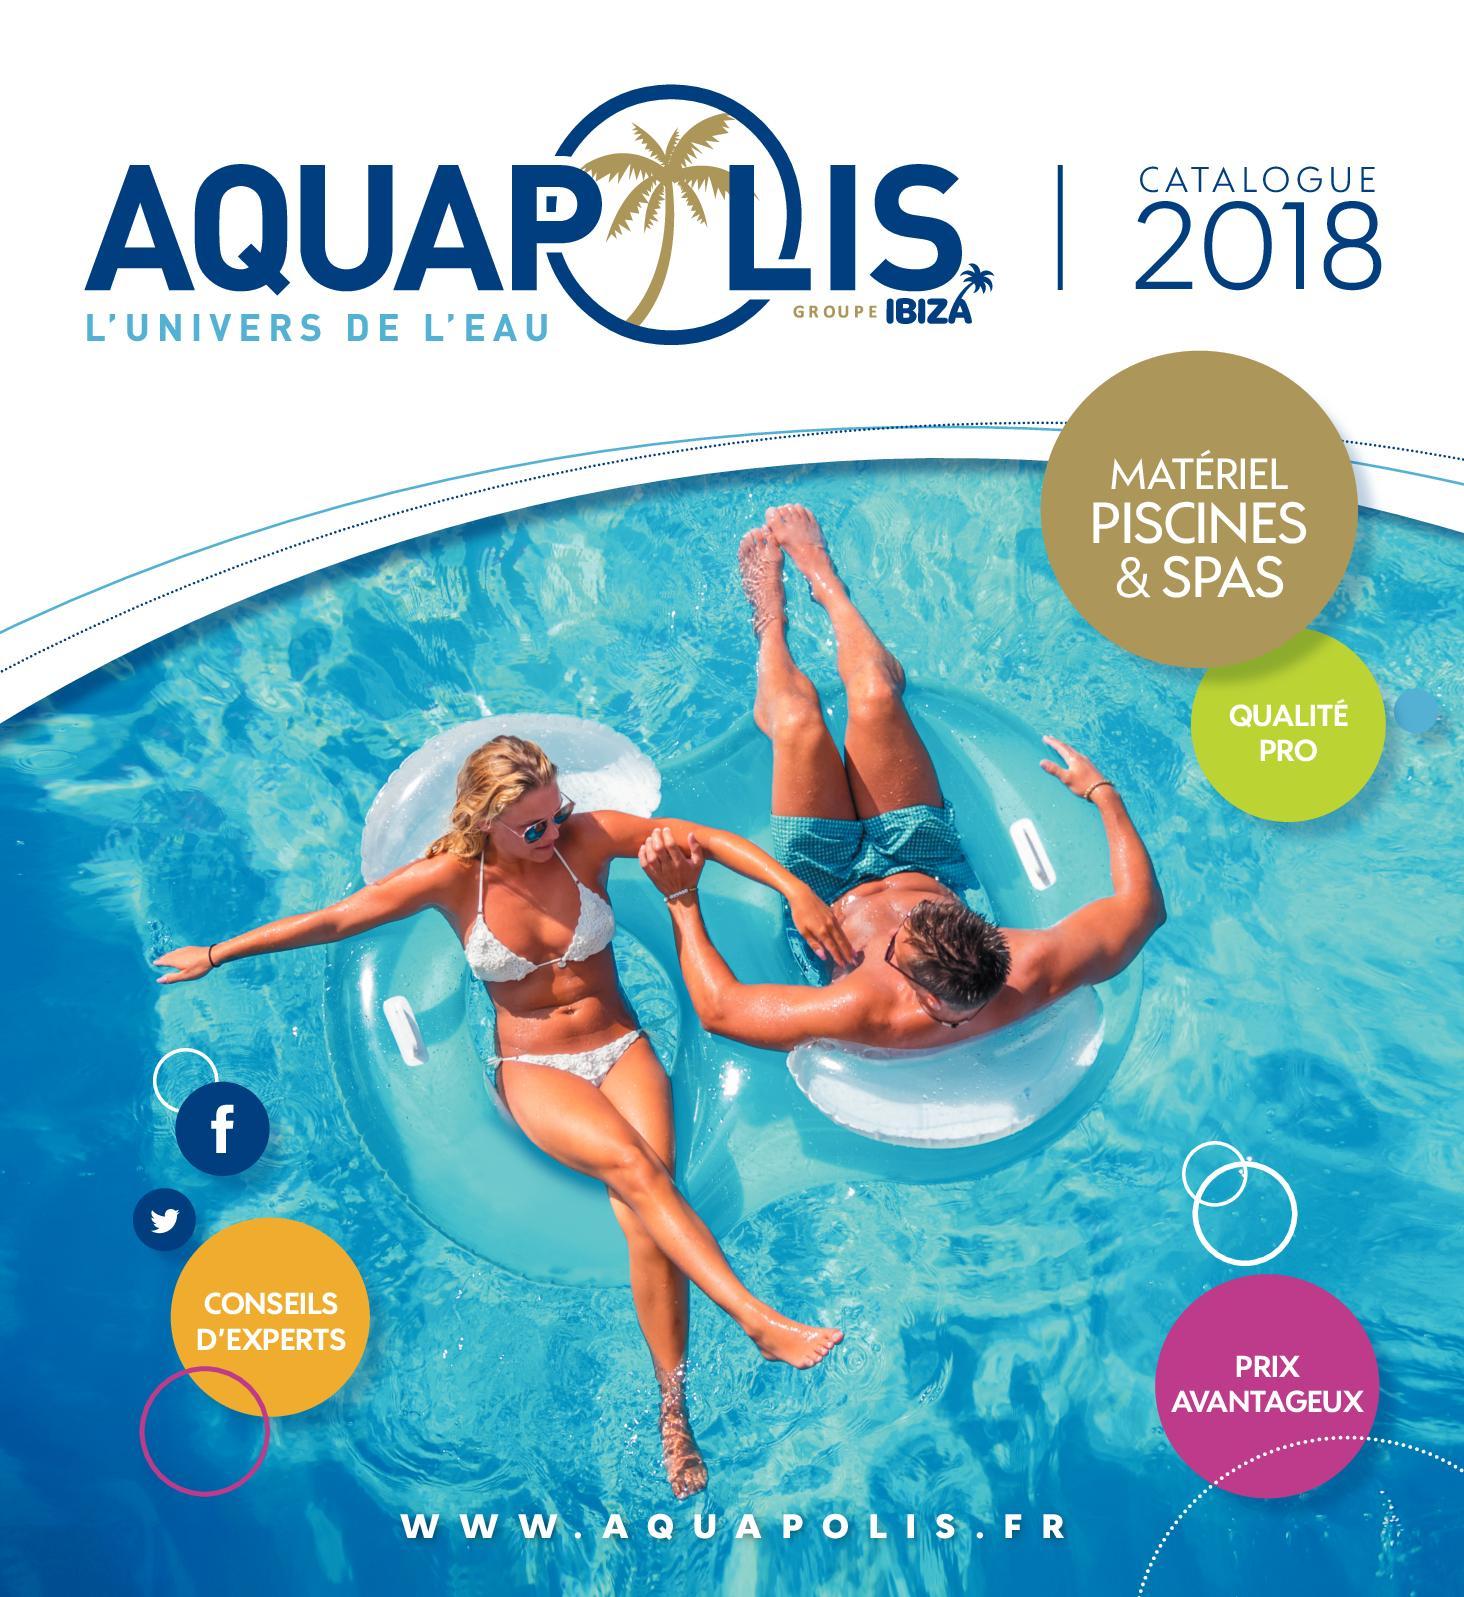 Calaméo - Aquapolis Catalogue 2018 concernant Rustine Pour Piscine